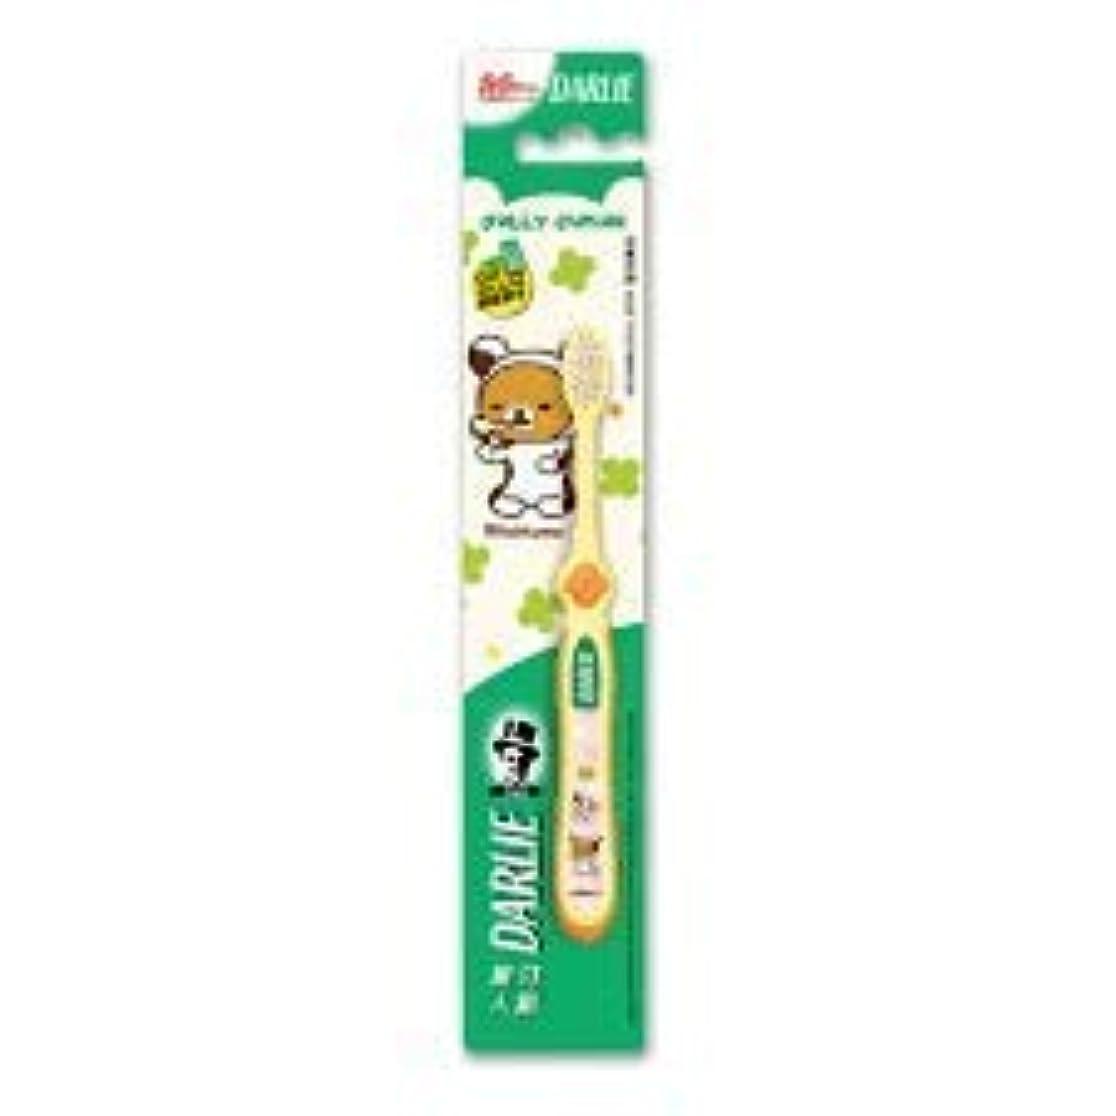 上級亡命ダンスDARLIE メリージュニア2-6歳歯ブラシ - ジェントル歯茎と歯のエナメル質は良好な洗浄を持っています